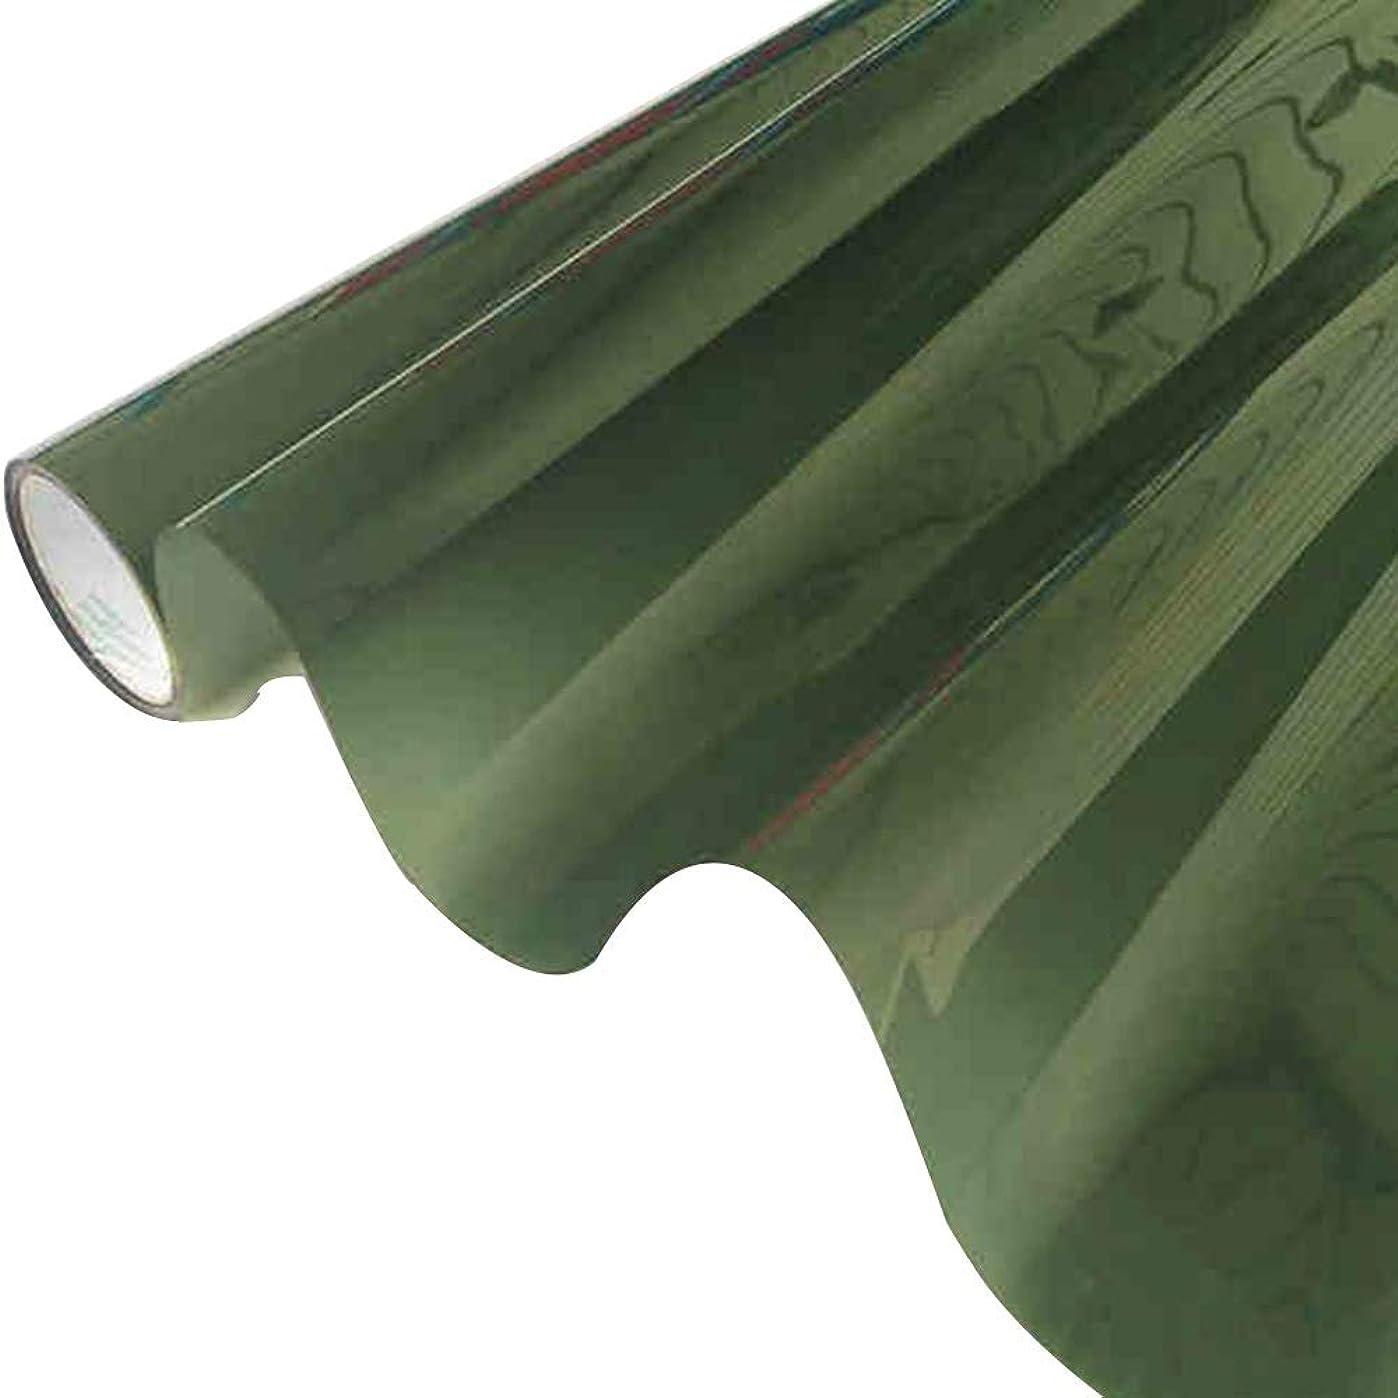 重大かる名門OUPAI 窓フィルム 窓のフィルム、家のための窓の色合いプライバシー遮熱日焼け止め遮光片道ミラーガラスアンチUVグレア静的くがみ家やオフィス ガラスフィルム (Size : 100 × 100 cm)